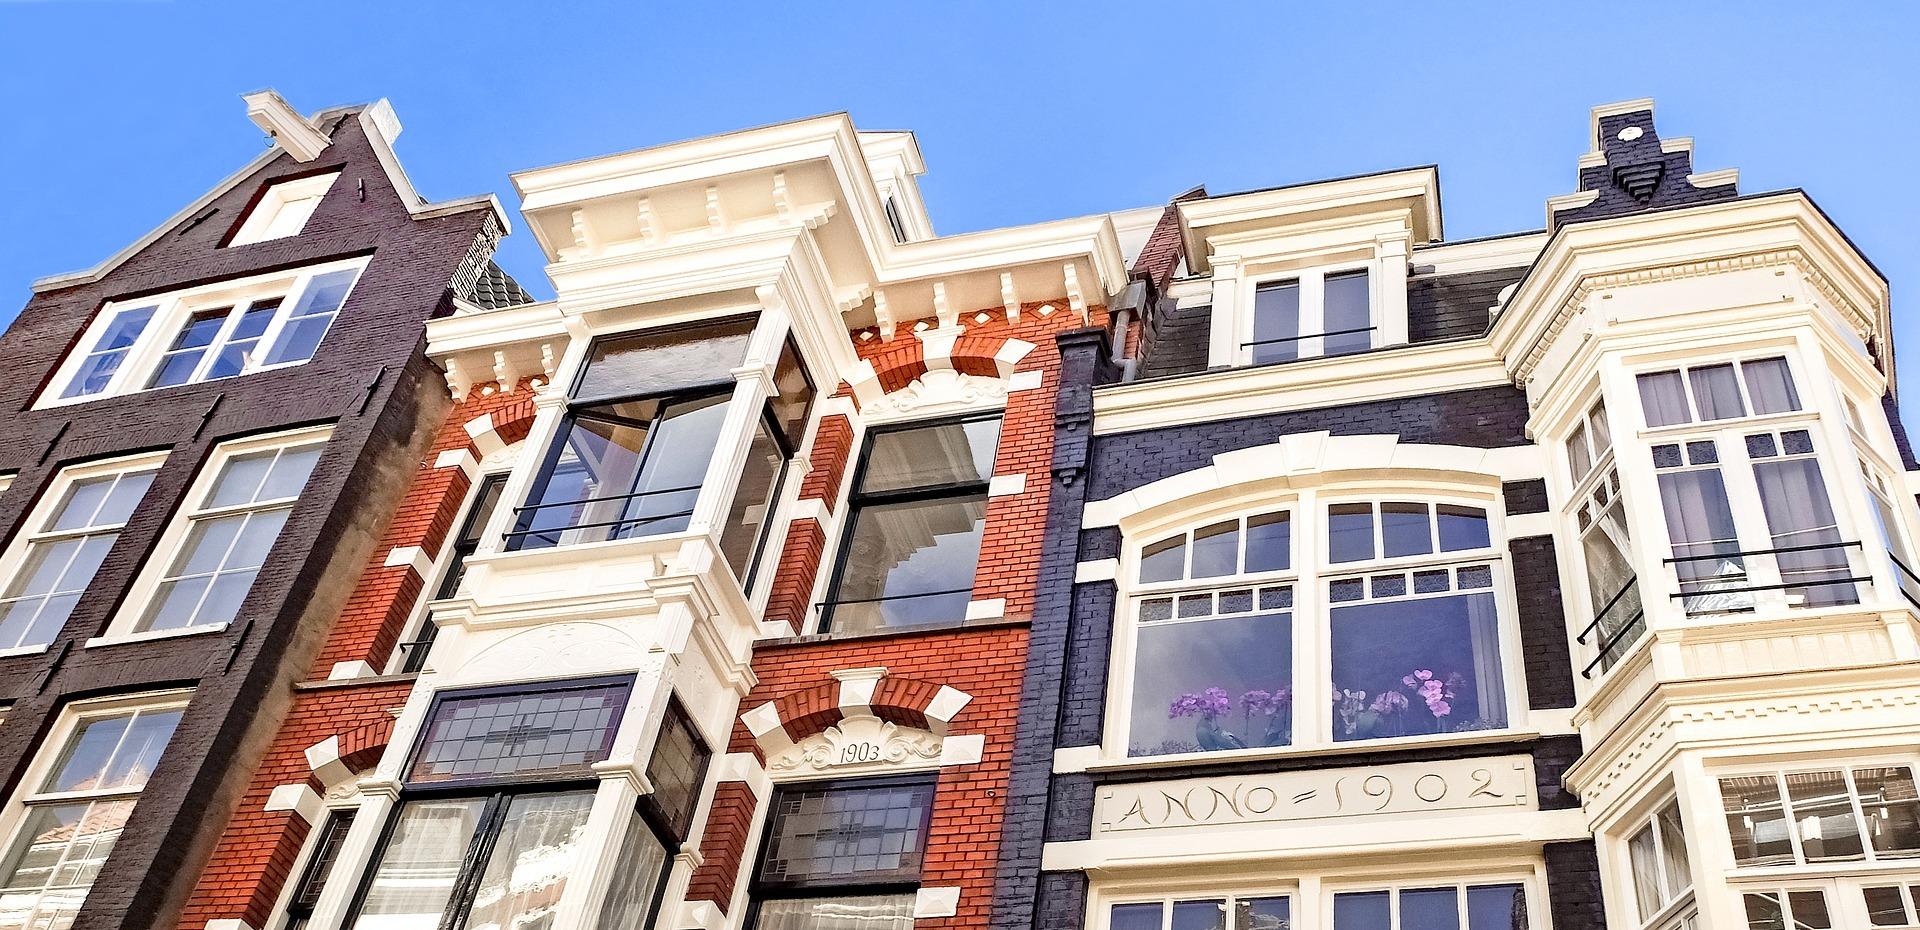 Huis Woning Appartement Snel Verkopen